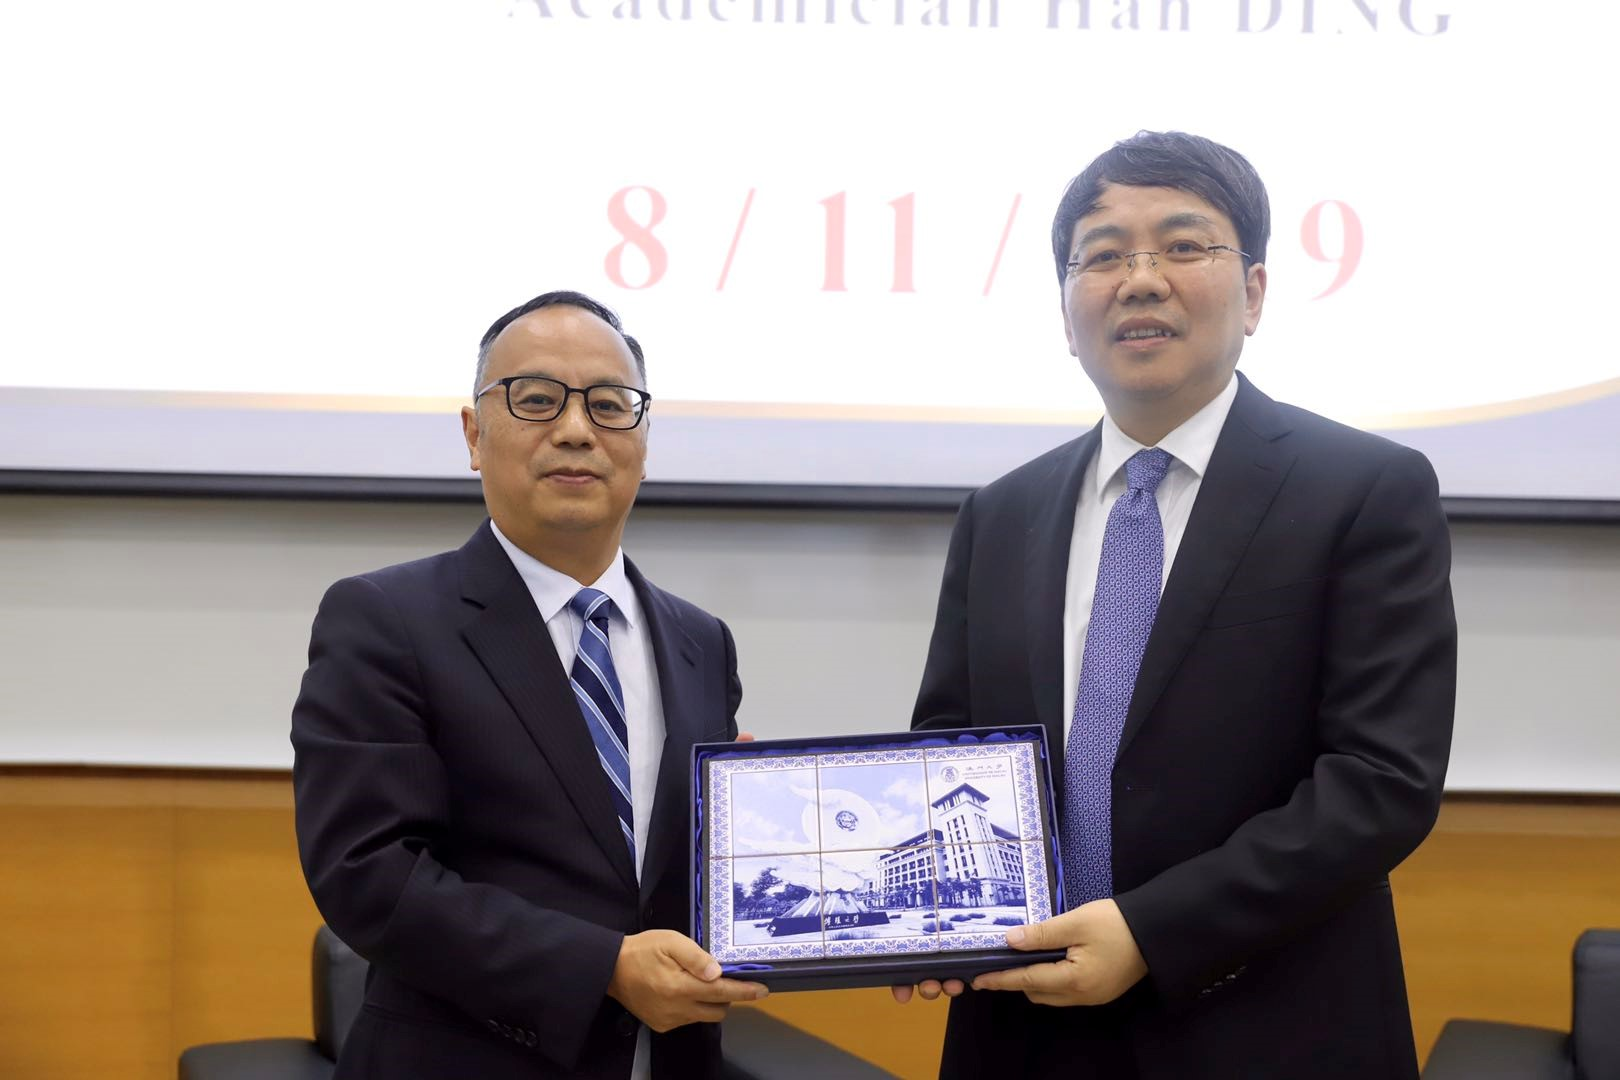 Rector Yonghua Song (left) presents a souvenir to Ding Han